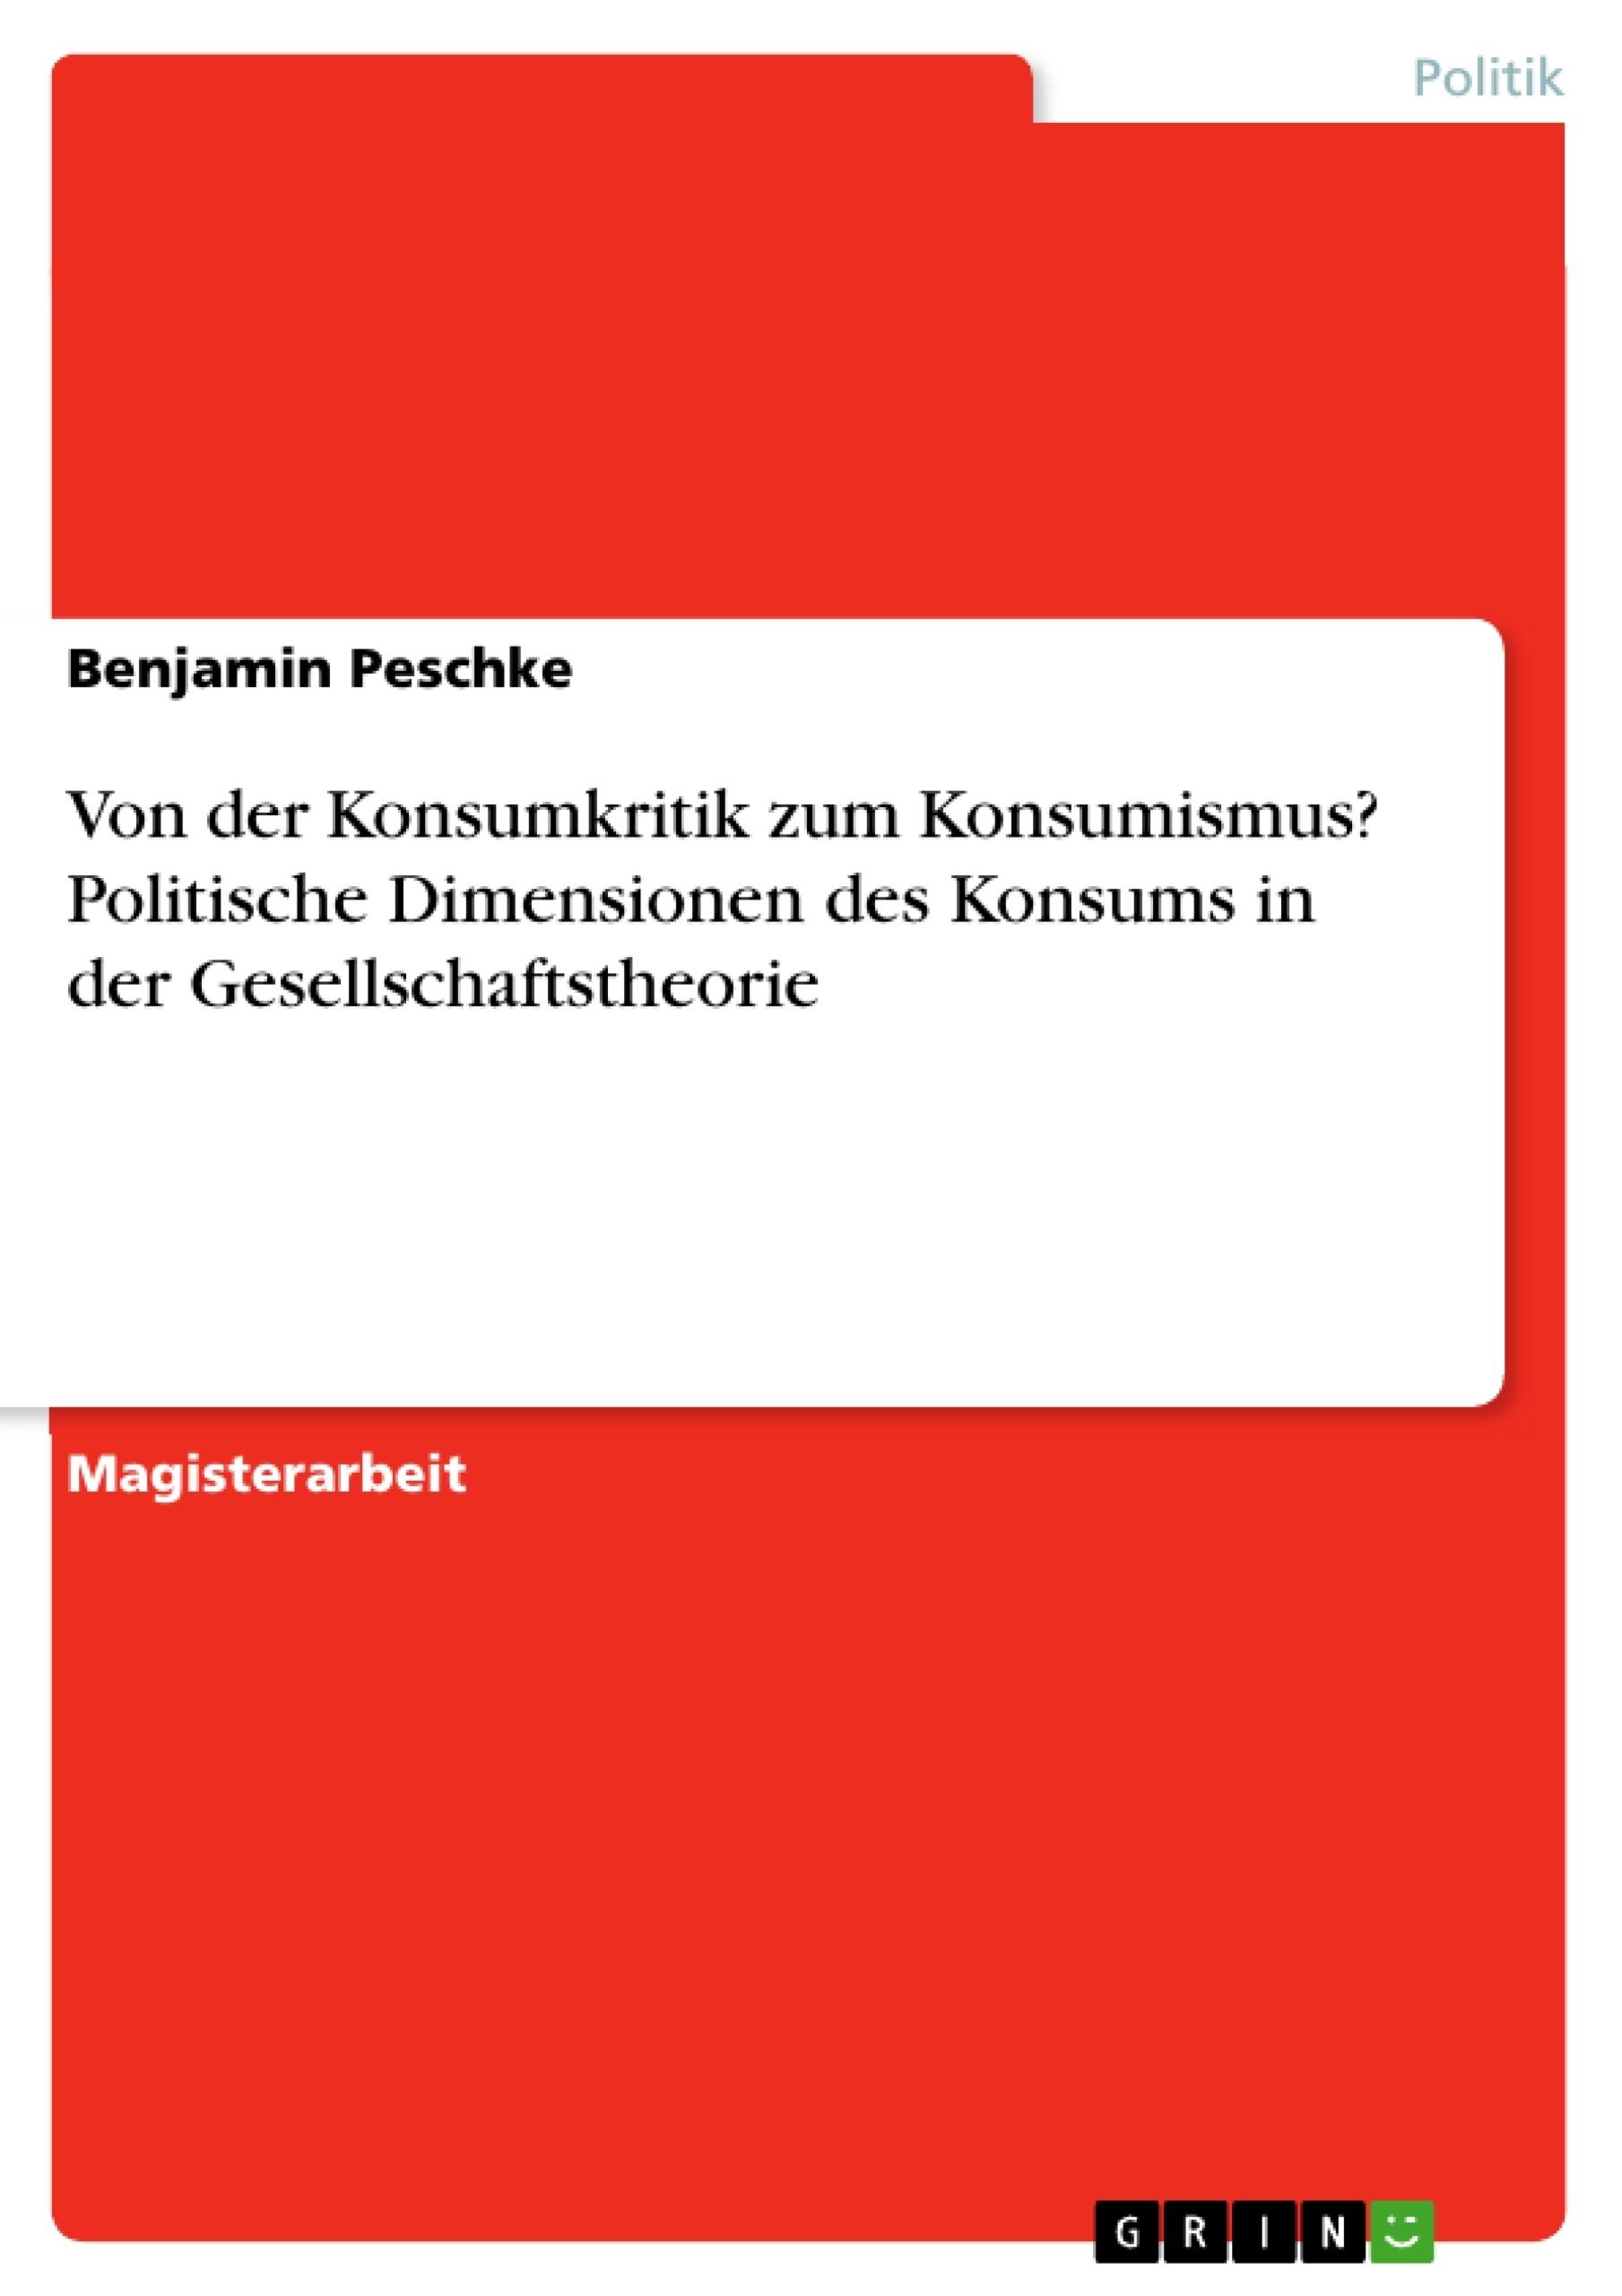 Titel: Von der Konsumkritik zum Konsumismus? Politische Dimensionen des Konsums in der Gesellschaftstheorie